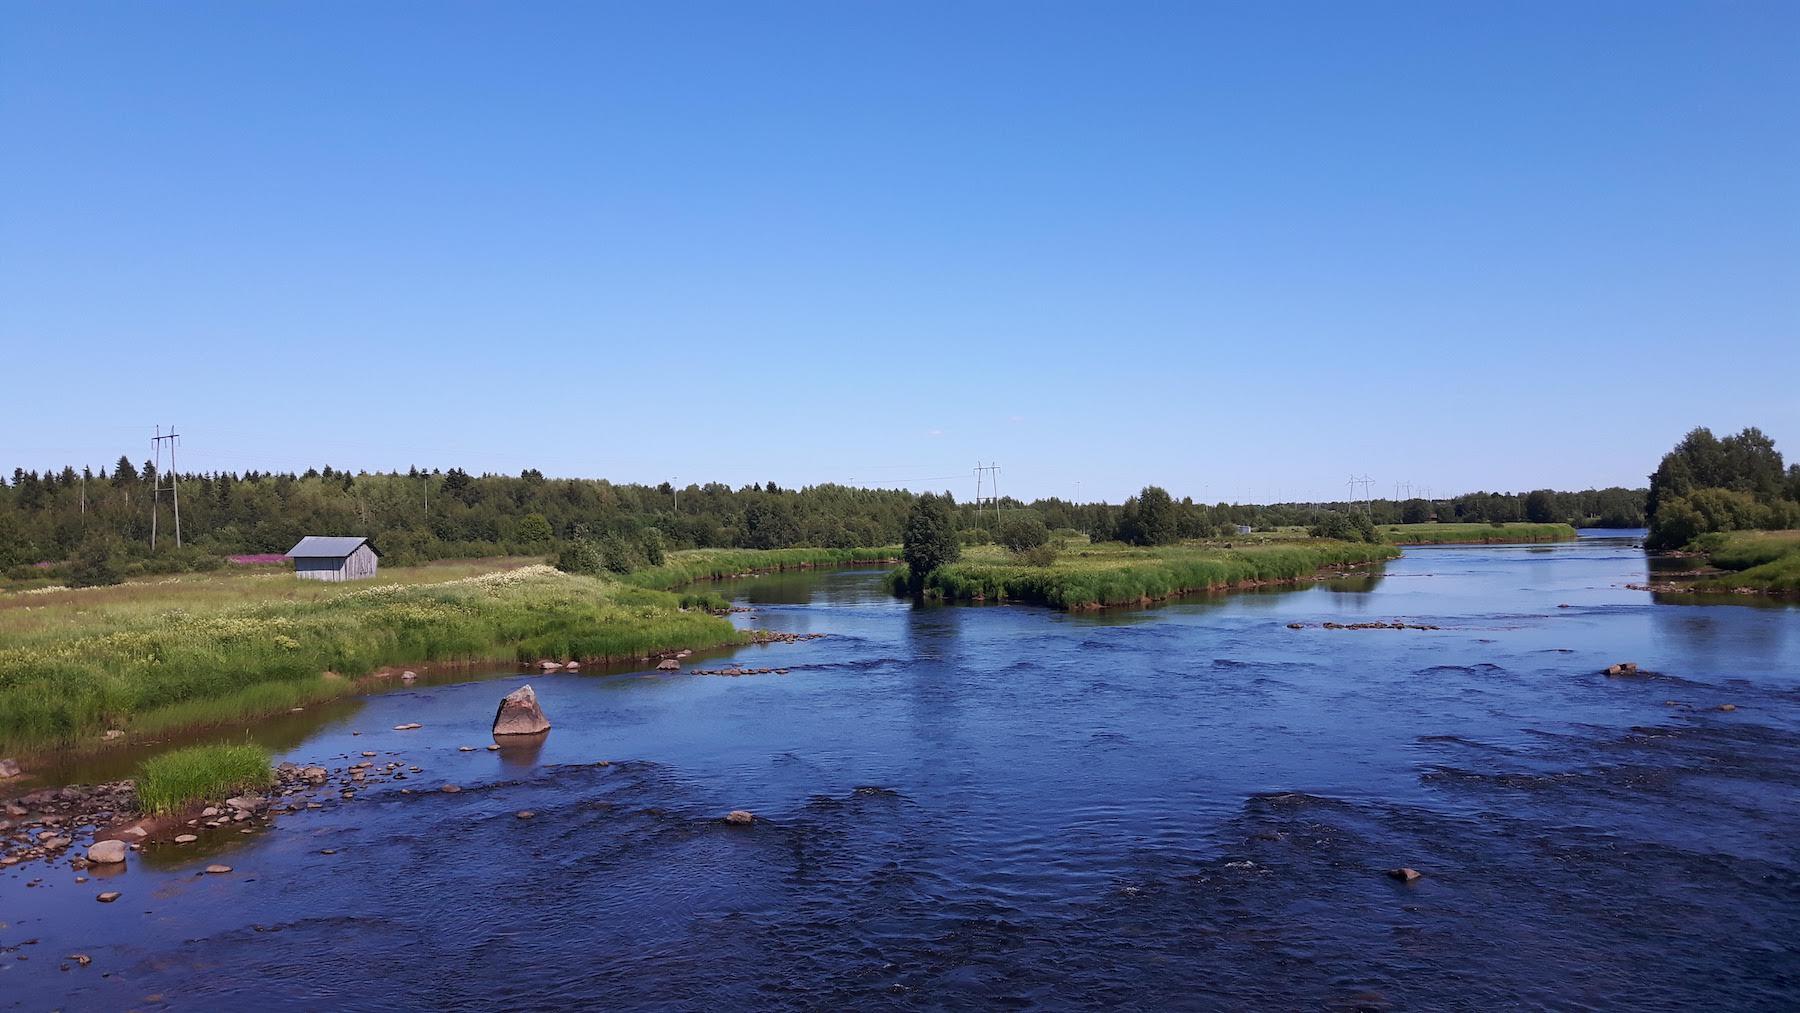 Torne River In Sweden